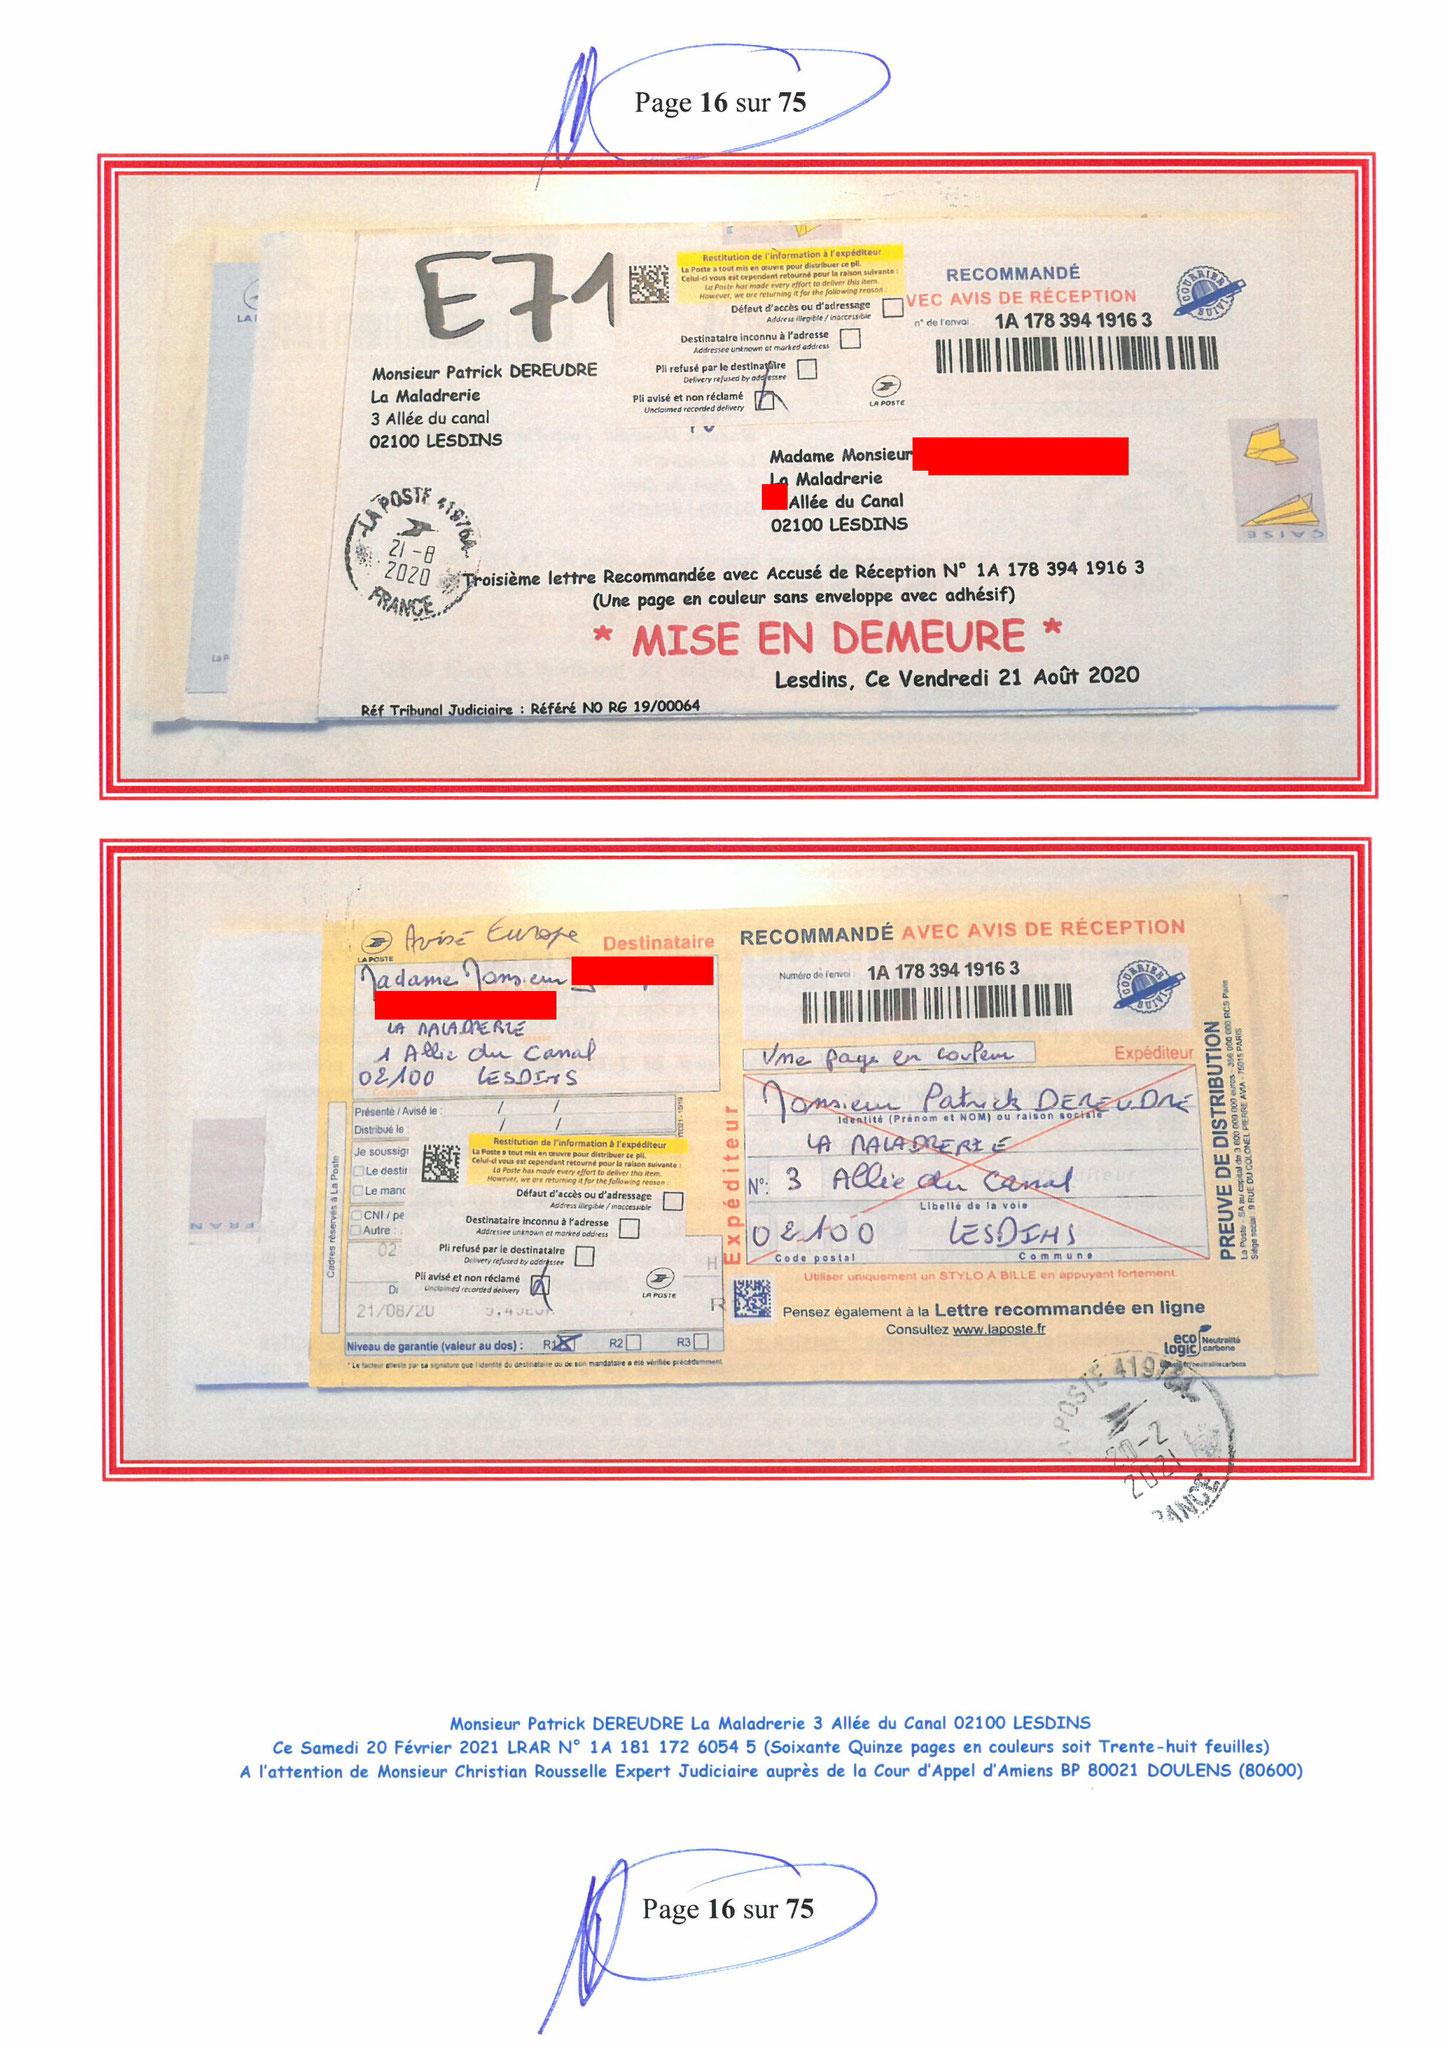 Page 16 Ma  Lettre Recommandée à Monsieur Christian ROUSSELLE Expert Judiciaire auprès de la Cour d'Appel d'Amiens Affaire MES CHERS VOISINS nos  www.jenesuispasunchien.fr www.jesuisvictime.fr www.jesuispatrick.fr PARJURE & CORRUPTION JUSTICE REPUBLIQUE